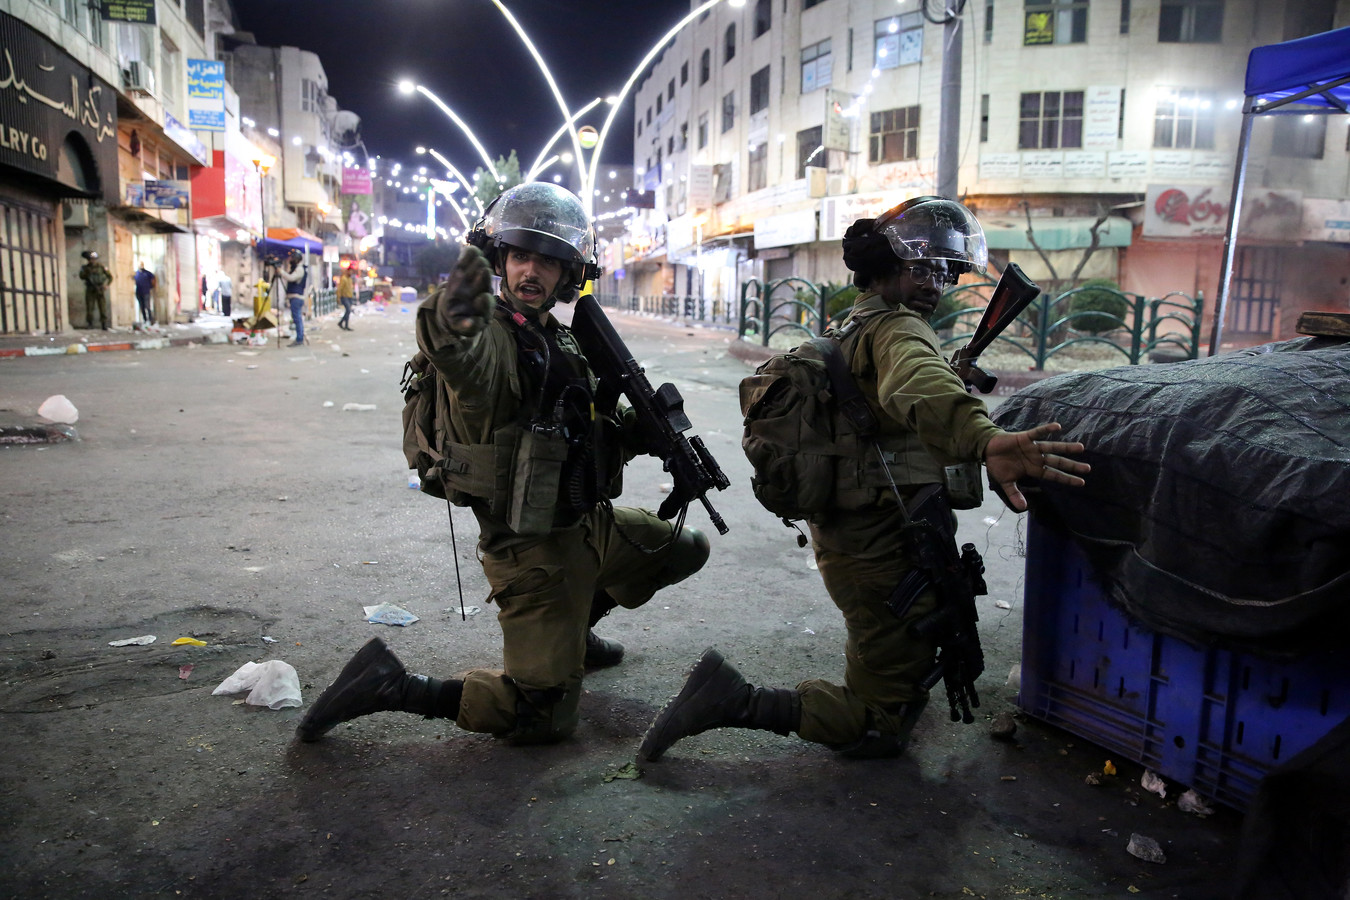 Israëlische troepen leveren slag met Palestijnse demonstranten in de stad Hebron.